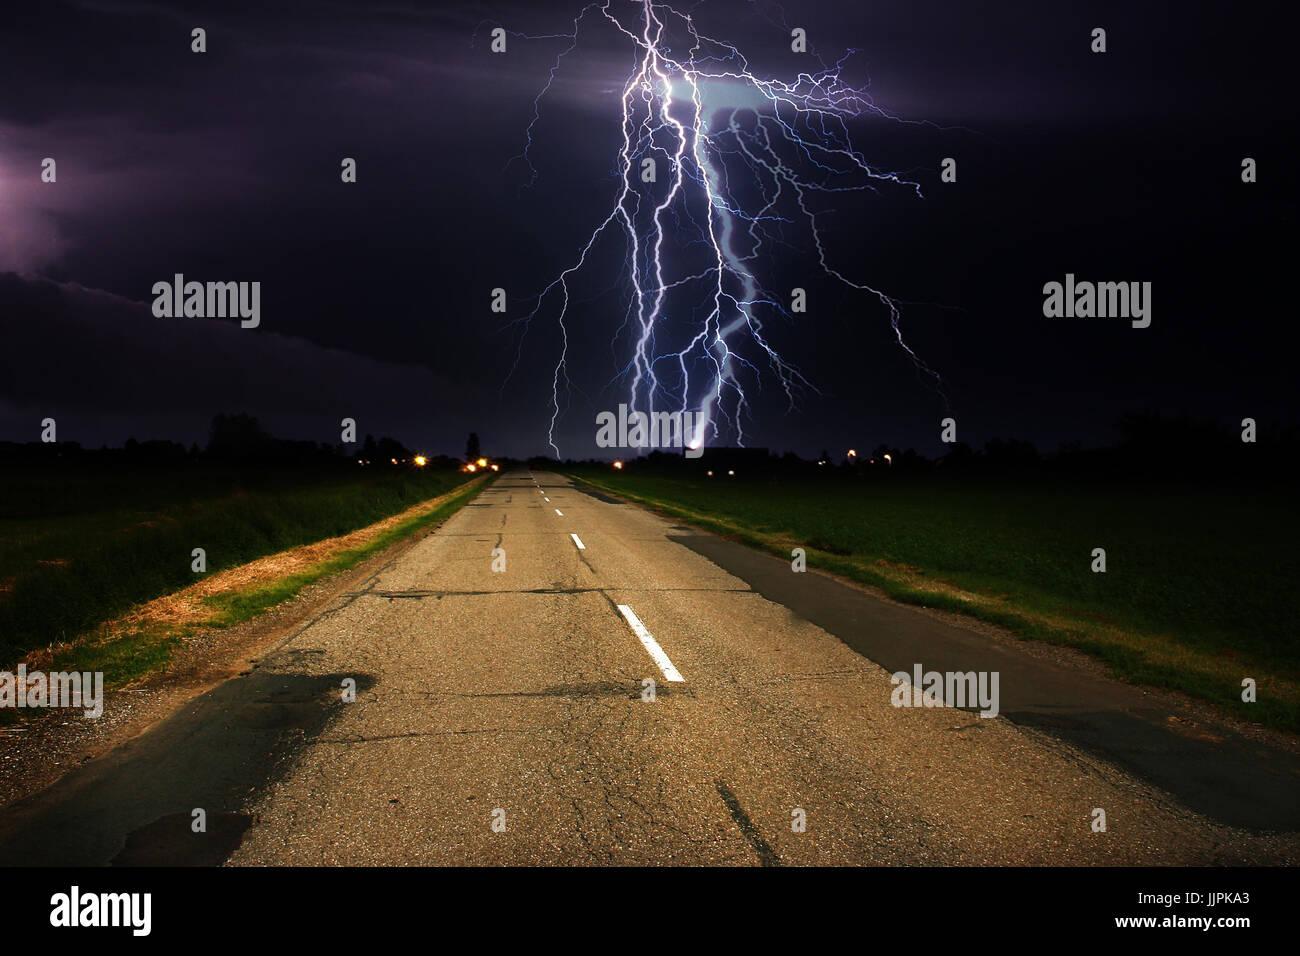 Lightning over asphalt road Stock Photo